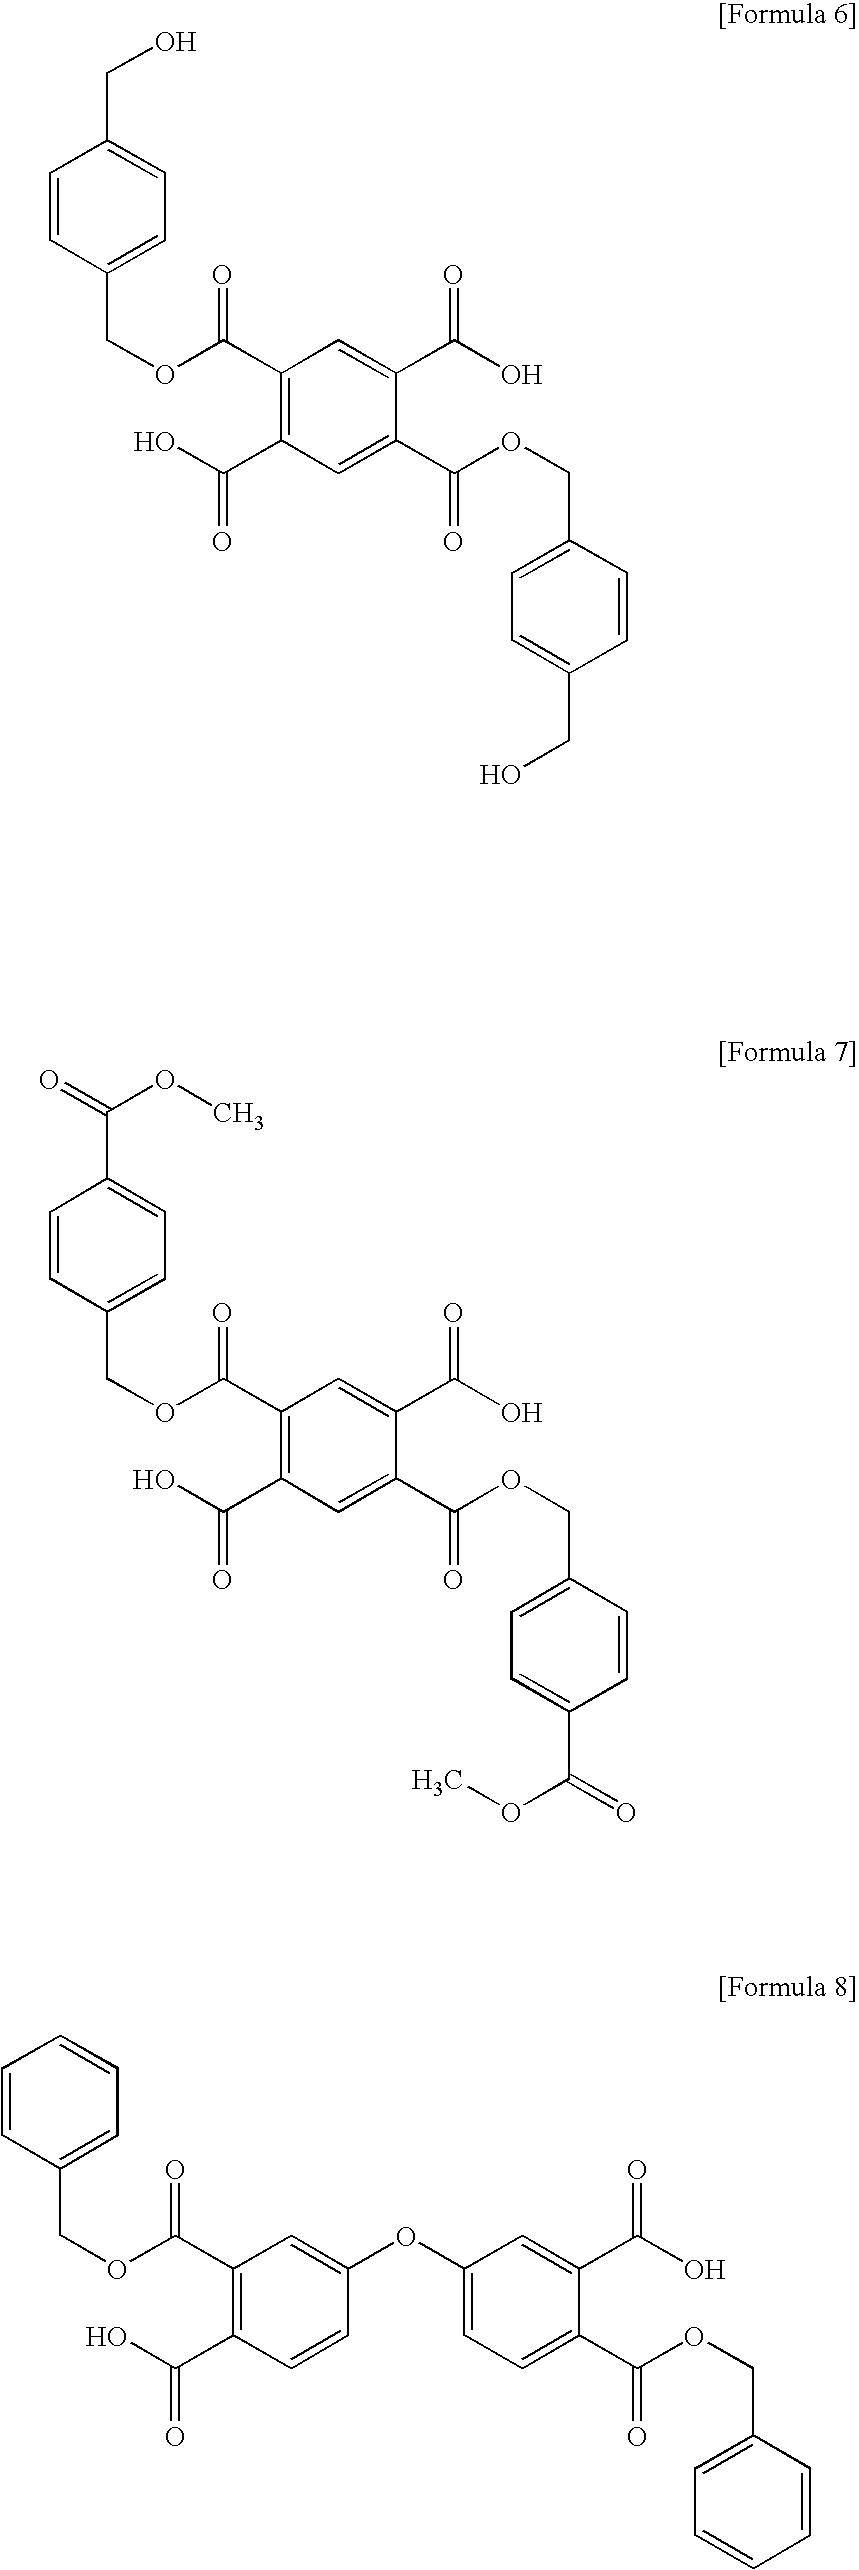 Figure US20100055408A1-20100304-C00008